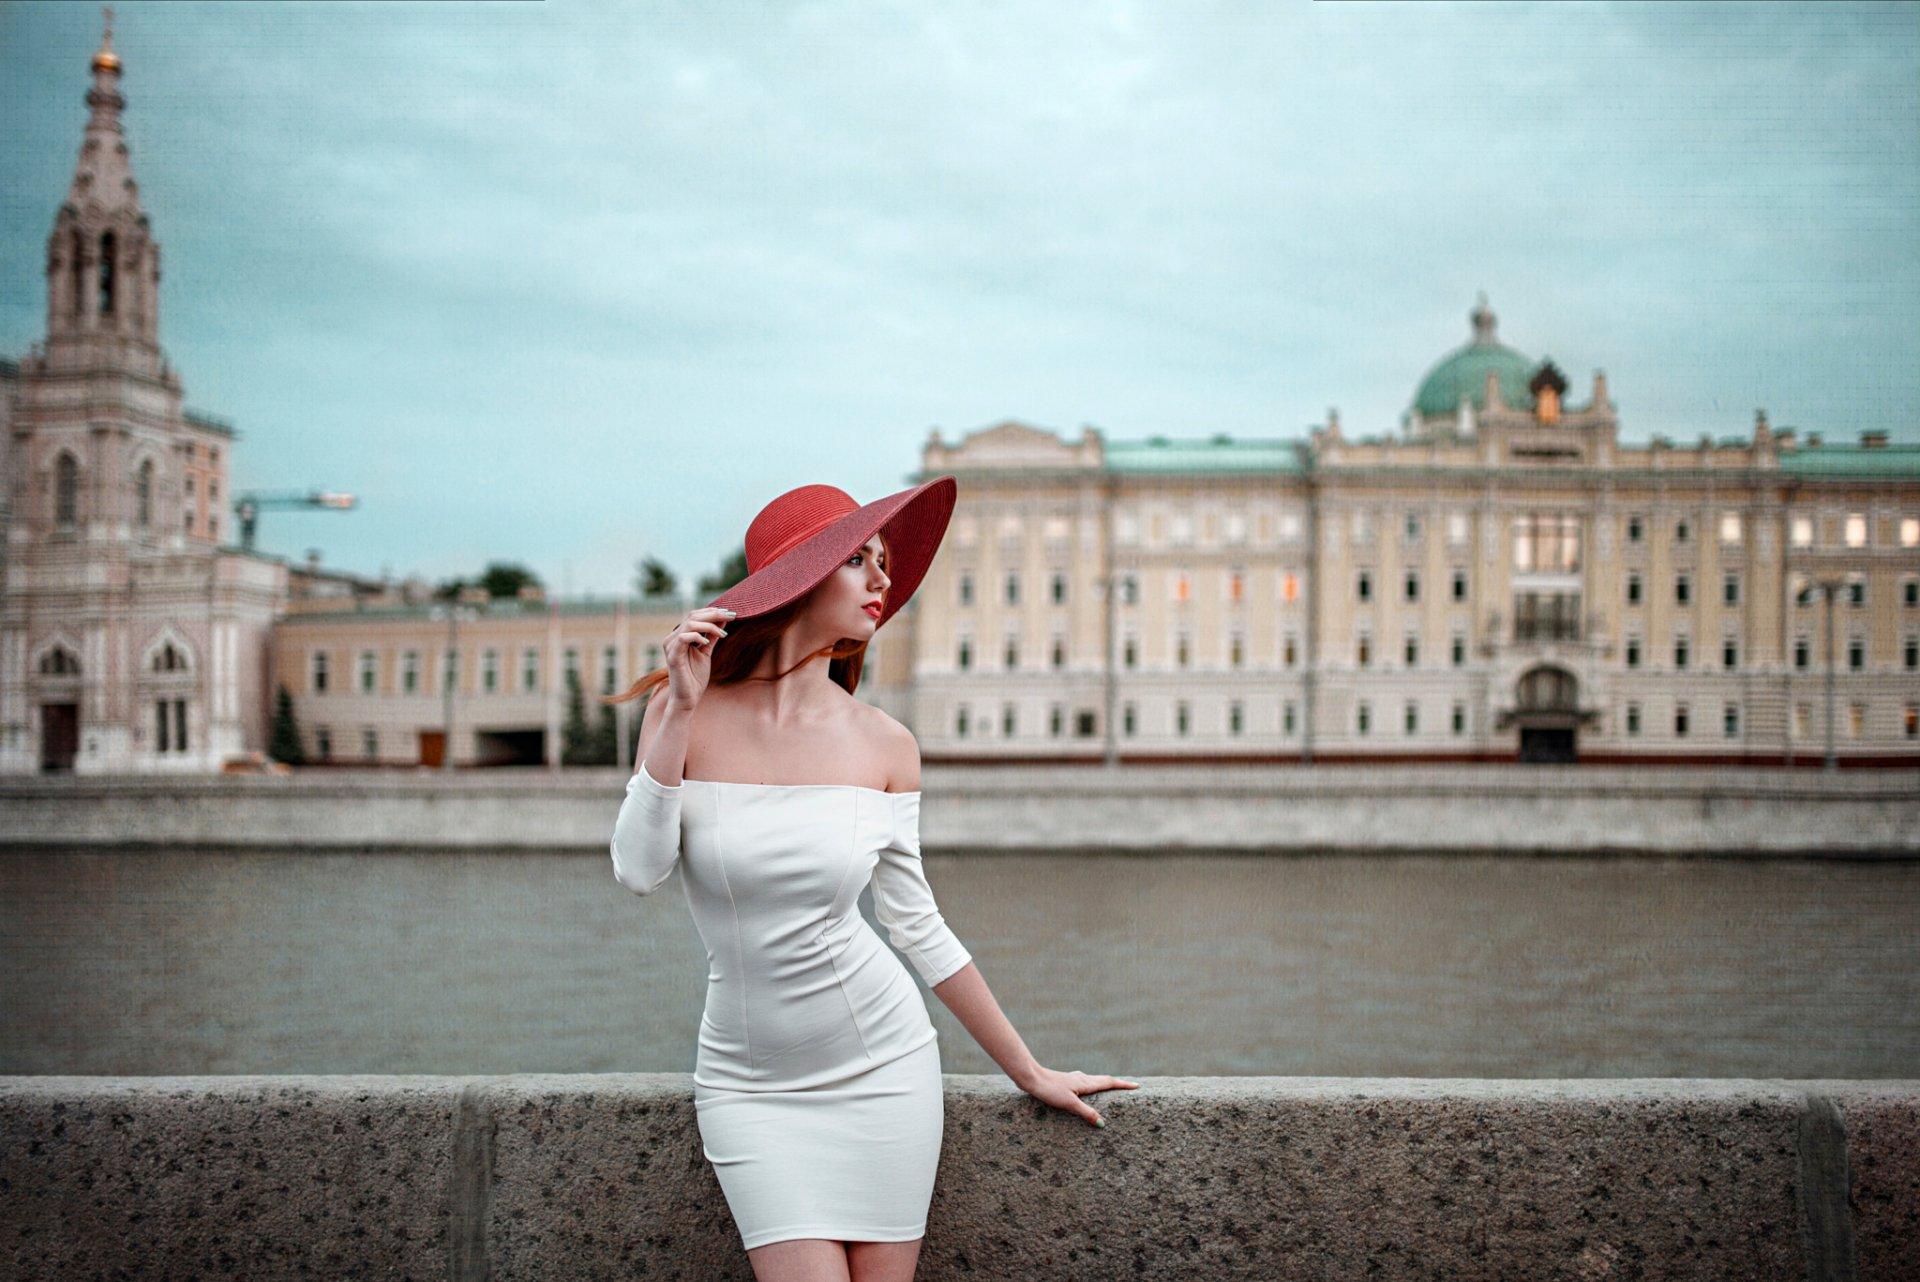 Снять женщину в петербурге, фото российских звезд под юбками